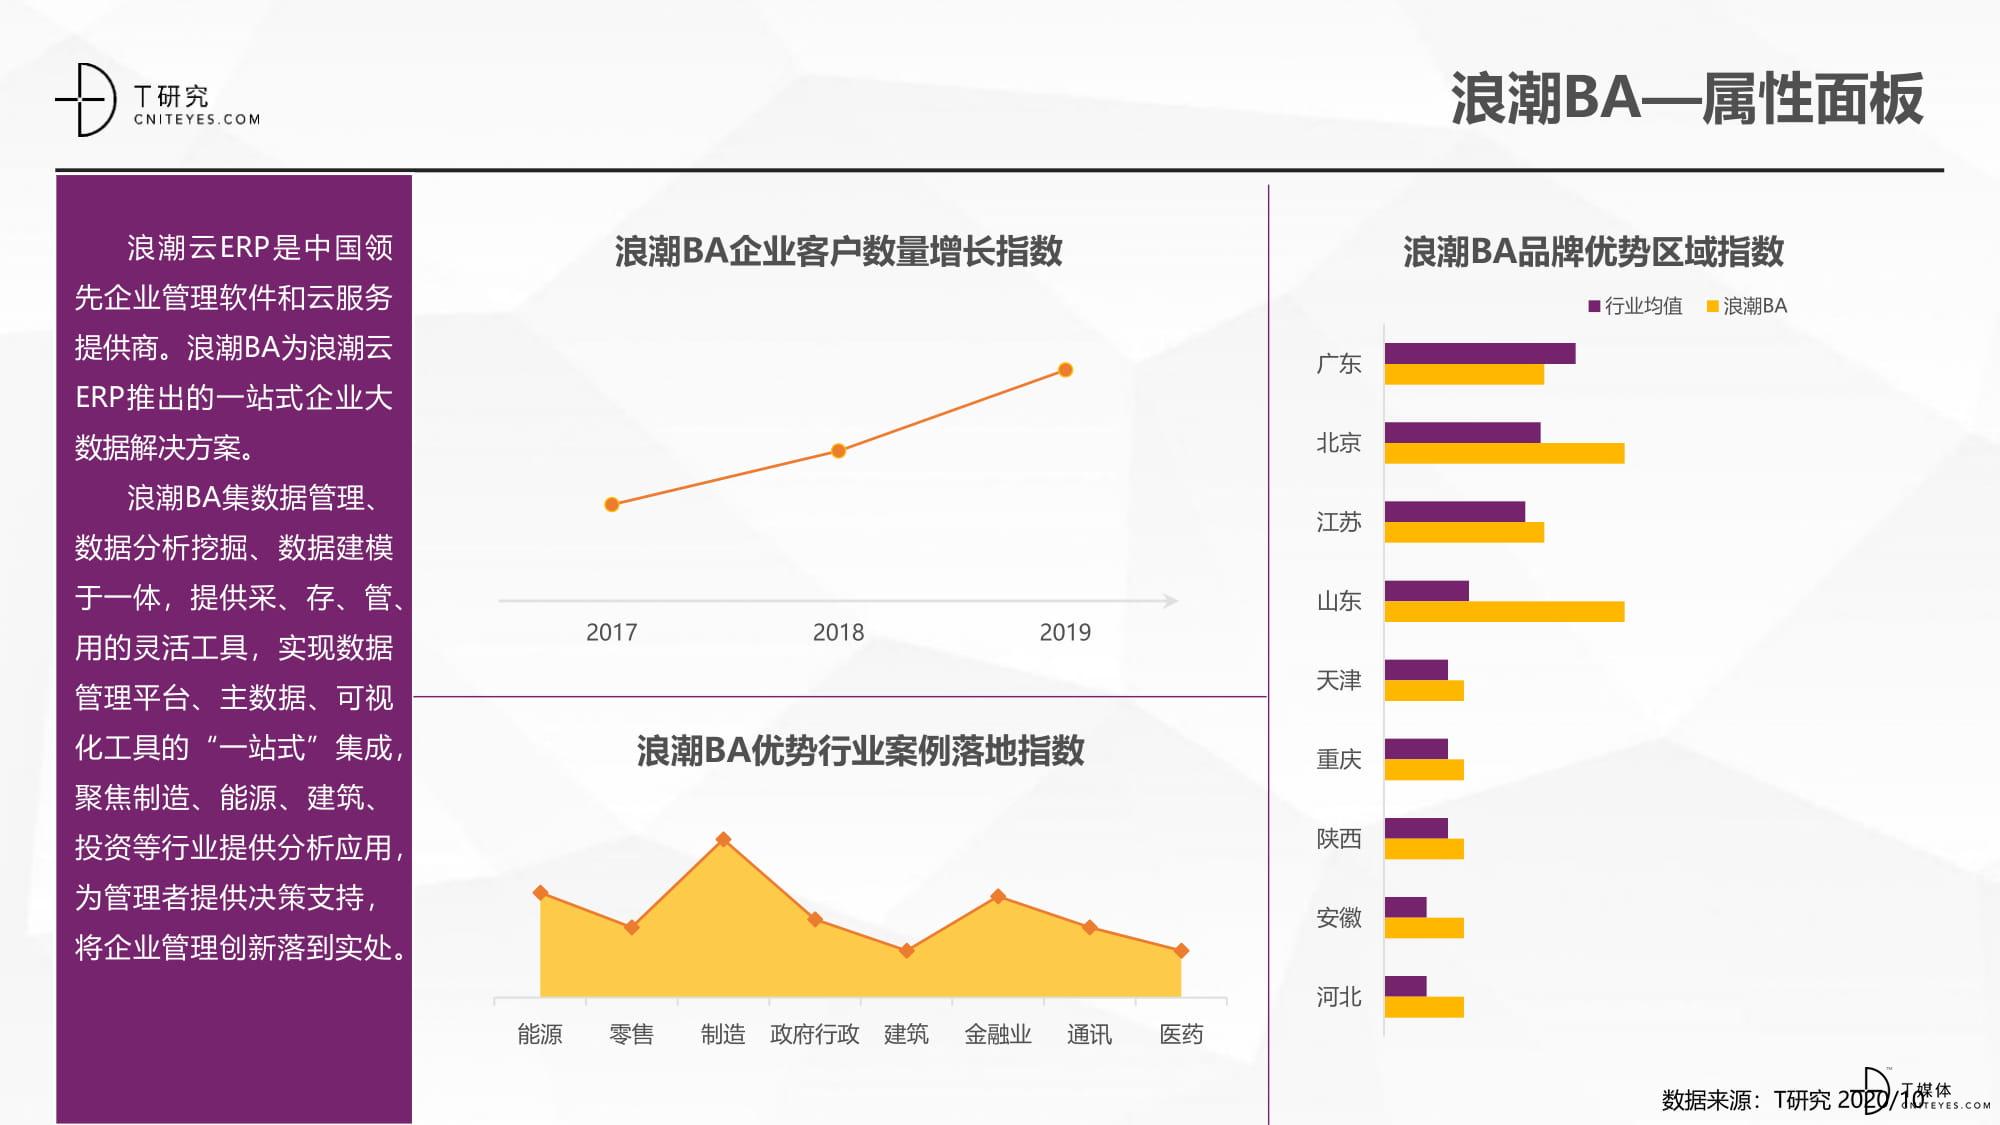 2020中国BI指数测评报告-30.jpg